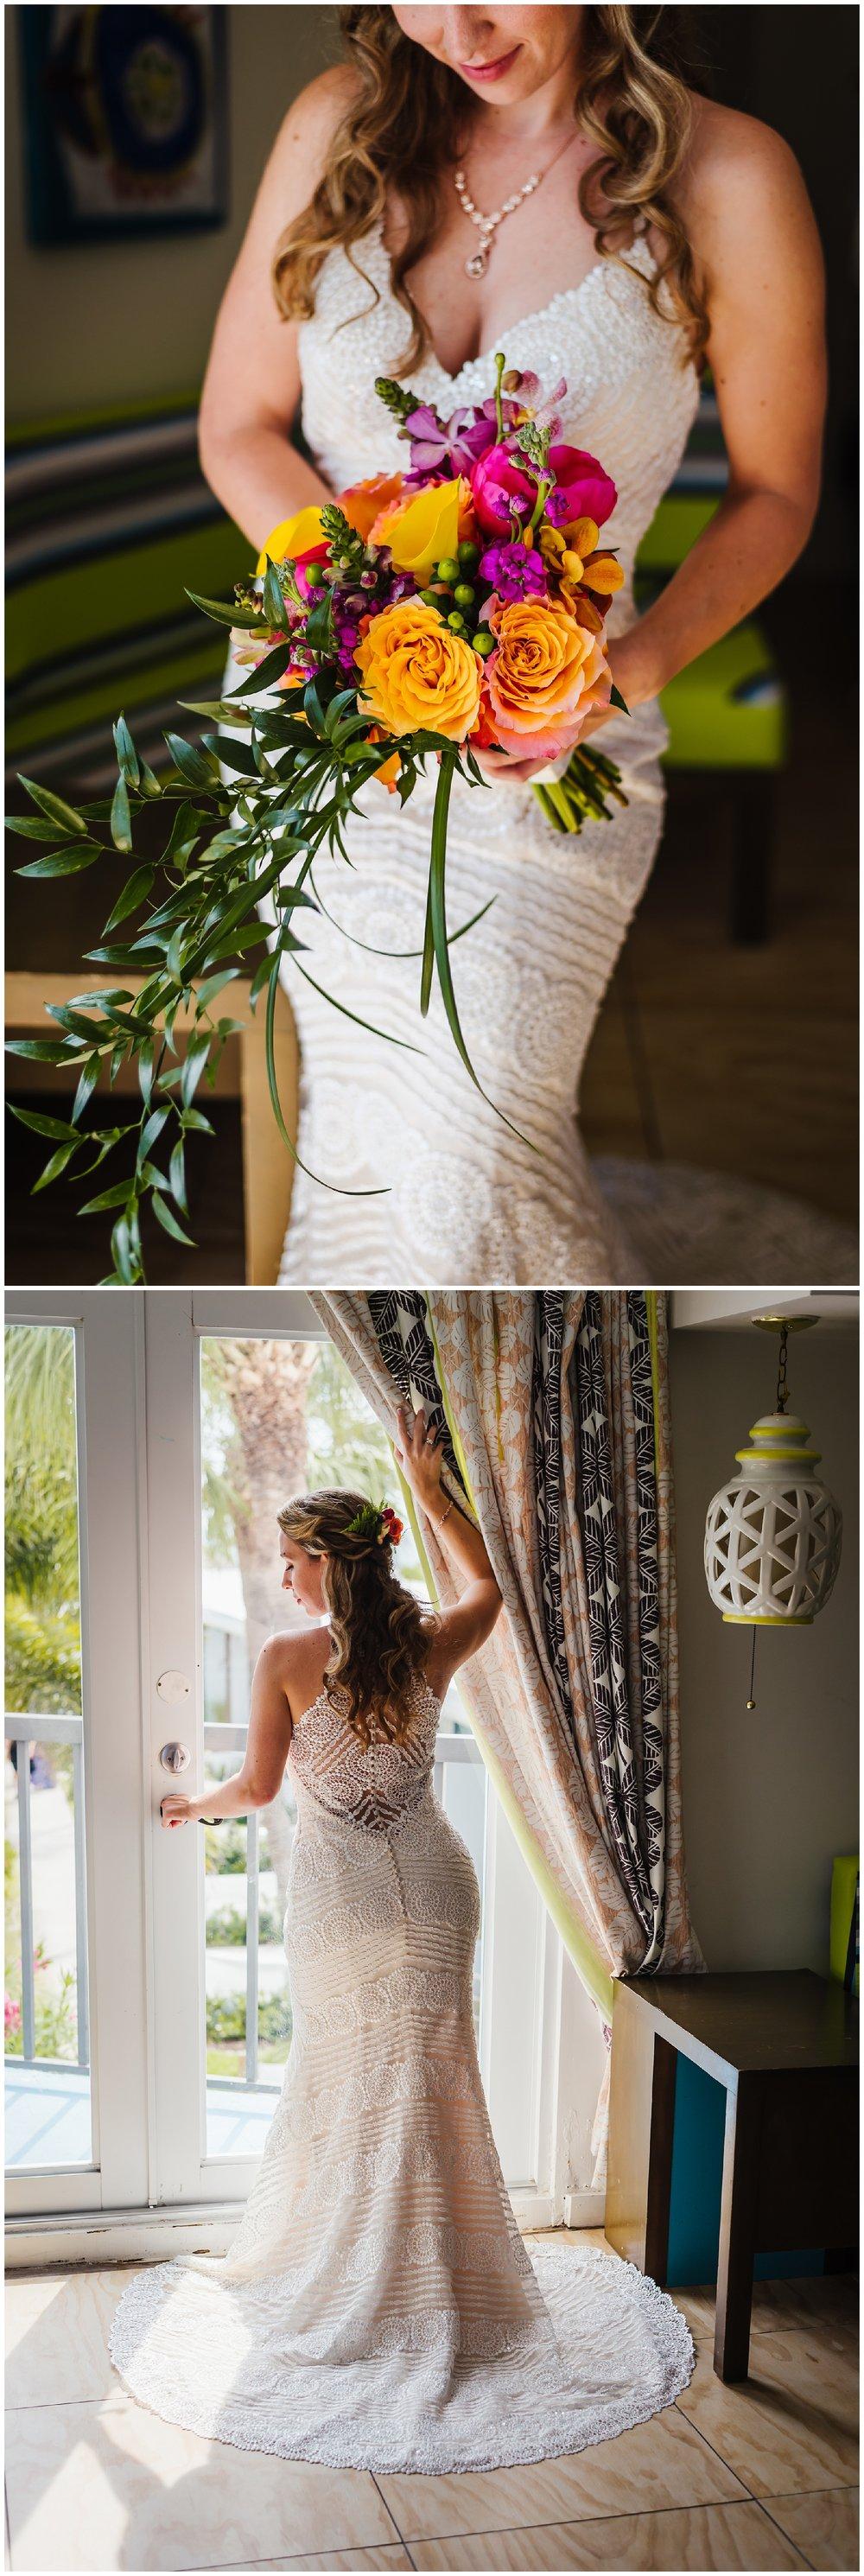 st-pete-wedding-photographer-post-card-inn-sunken-gardens-hawaiian-theme-dueling-pianos_0012.jpg